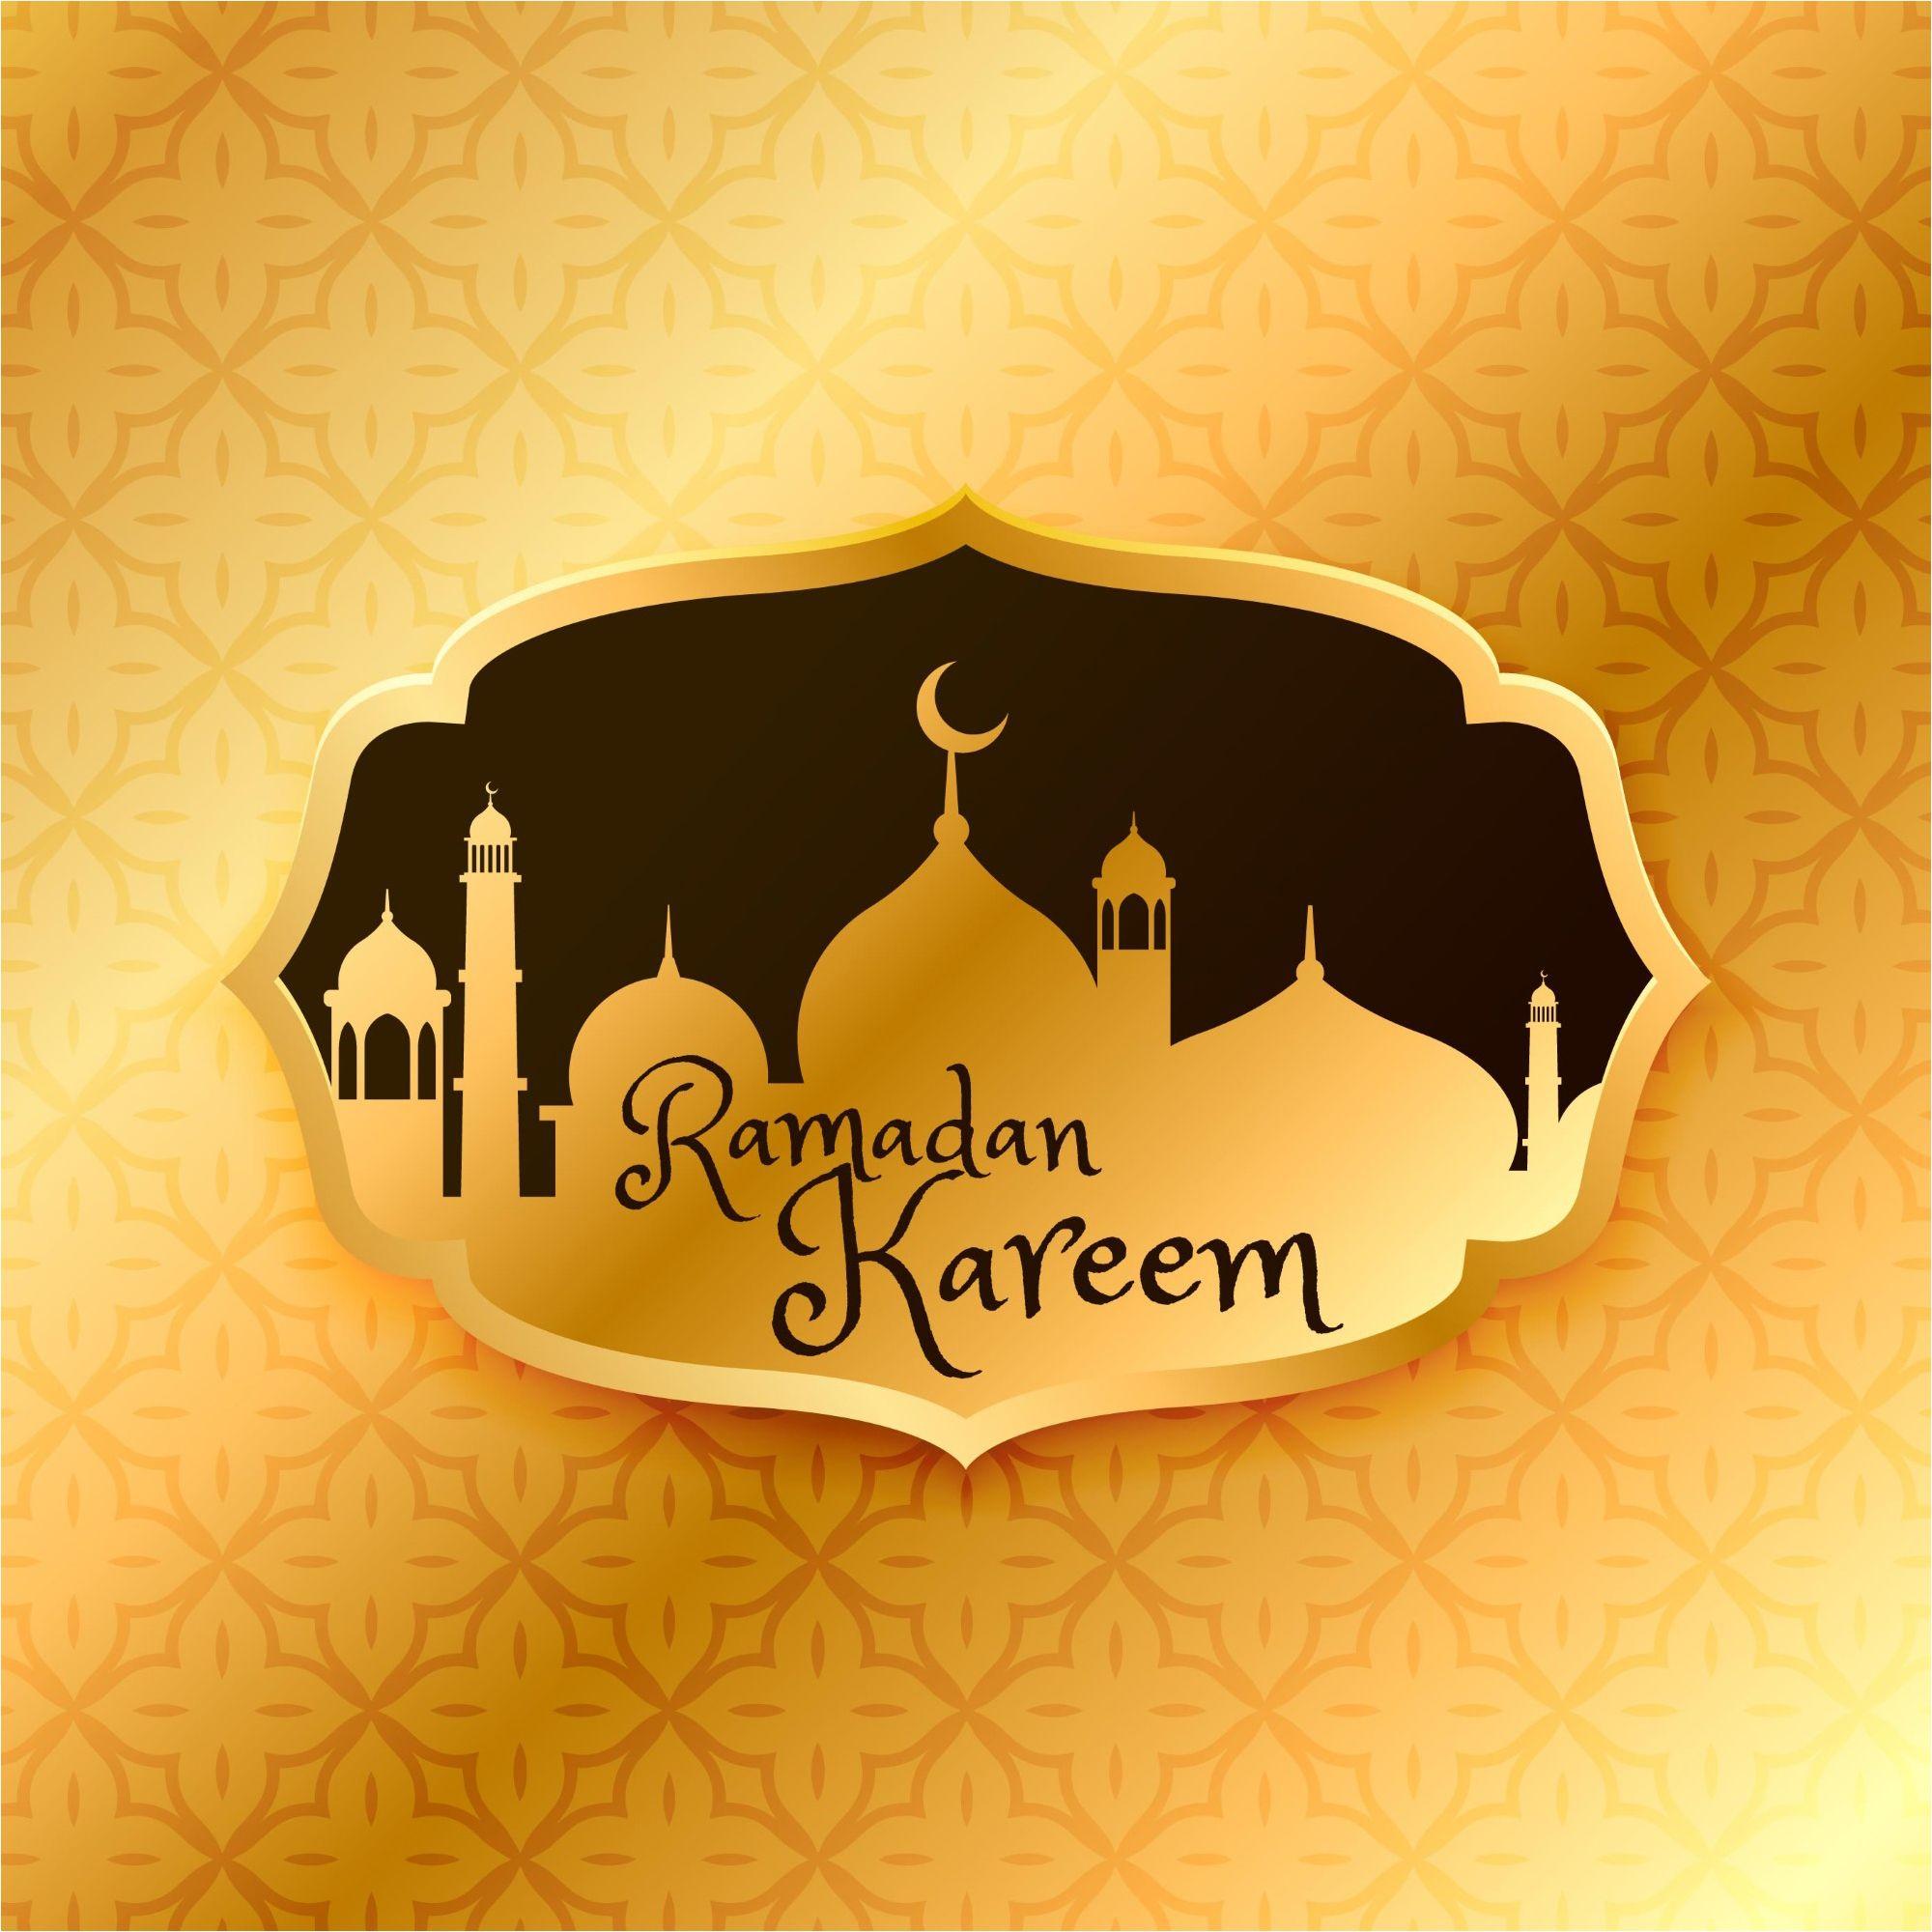 Beautiful Ramadan Kareem Gold Design Background Http Www Cgvector Com S Ramadan Ramadan Kareem Ramadan Greetings Ramadan